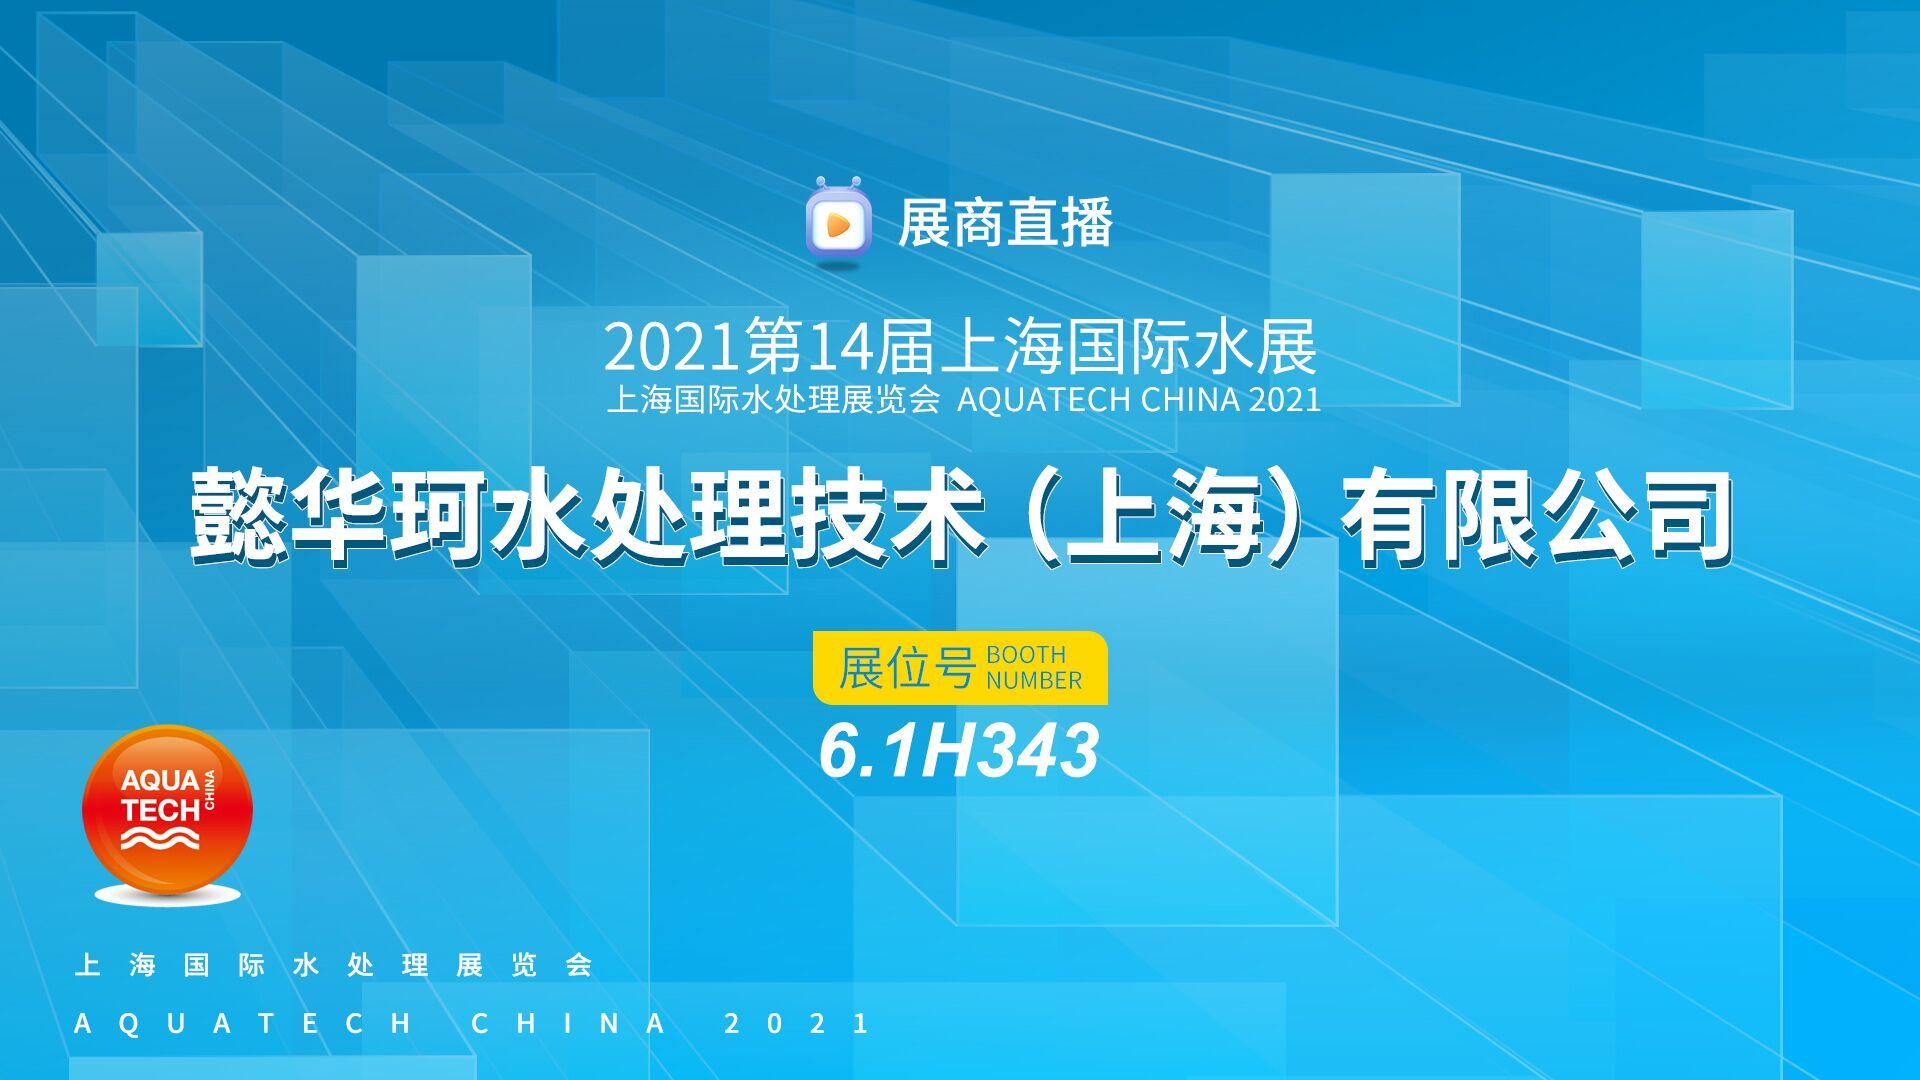 懿華珂水處理亮相2021世環會 展位:6.1H343